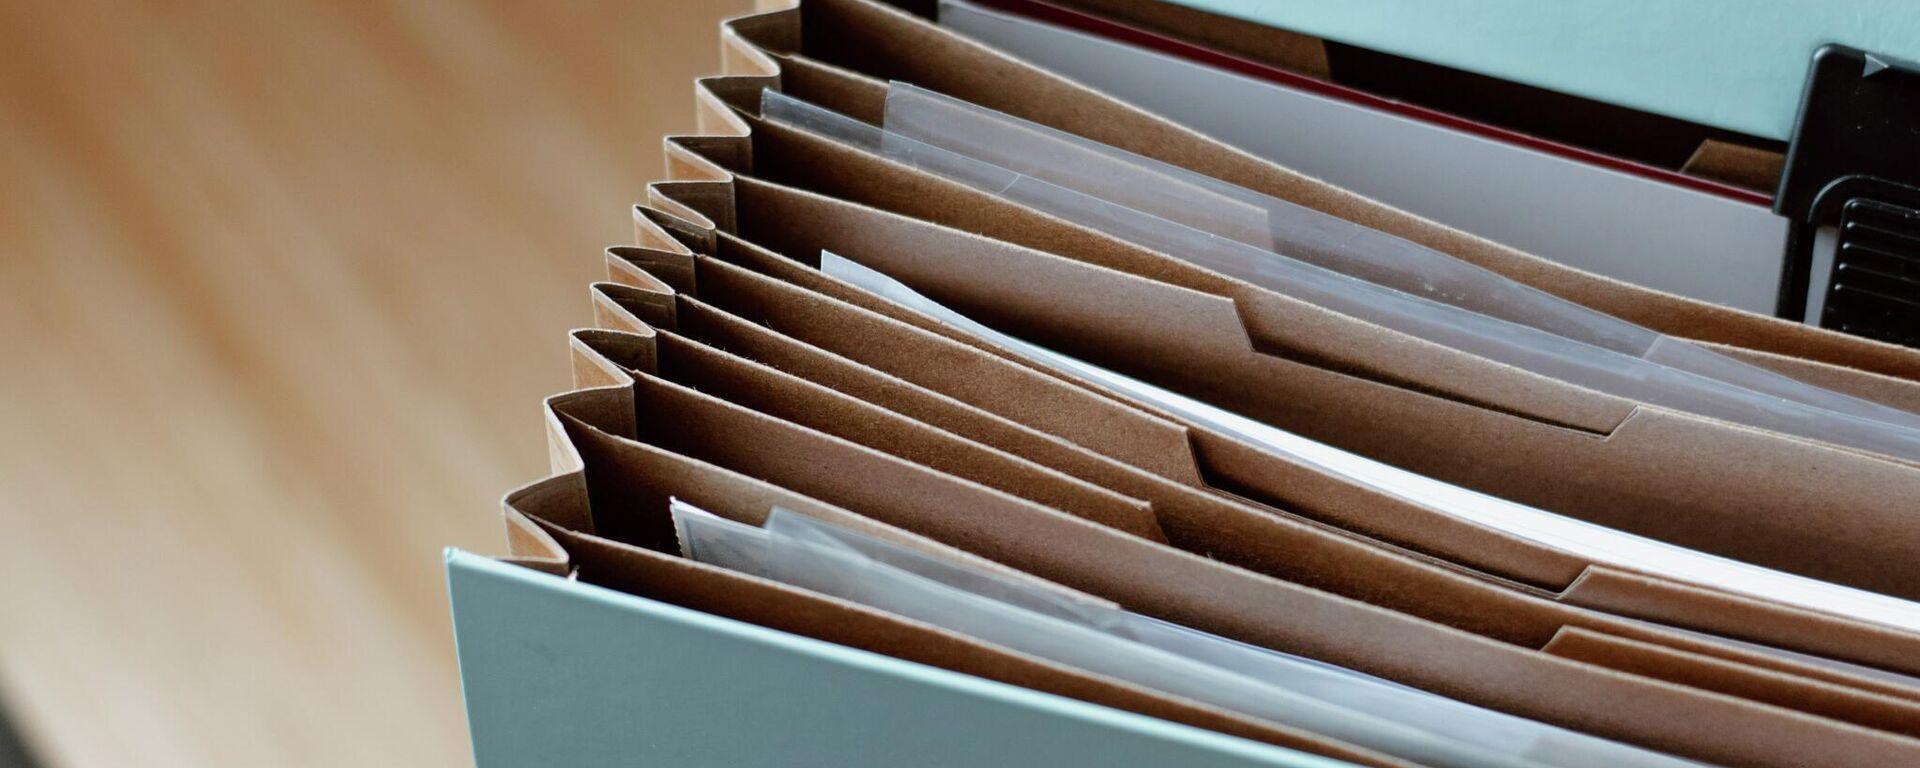 Caja con documentos - Sputnik Mundo, 1920, 05.10.2021